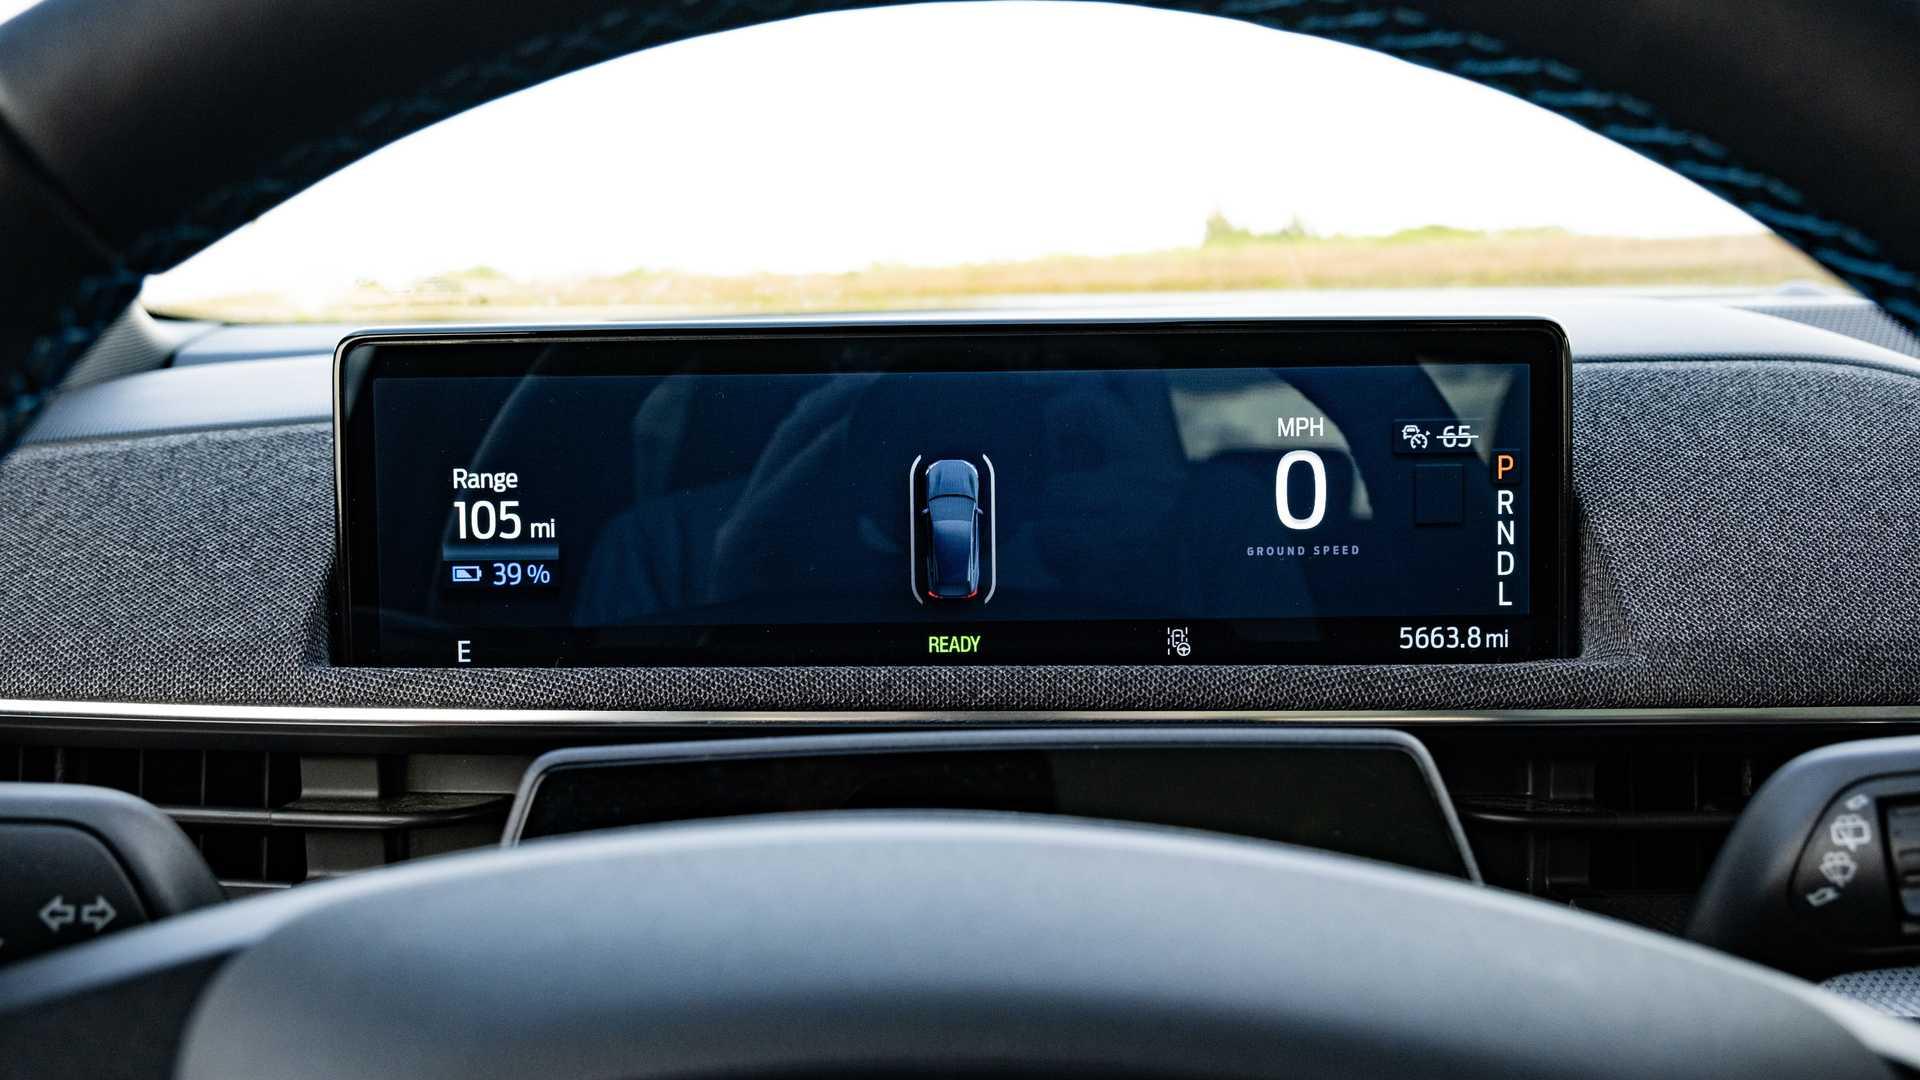 Chỉ dành cho những người mua xe điện Mach-E hoài cổ, Ford đã tạo ra một loại nước hoa có mùi xăng - 8